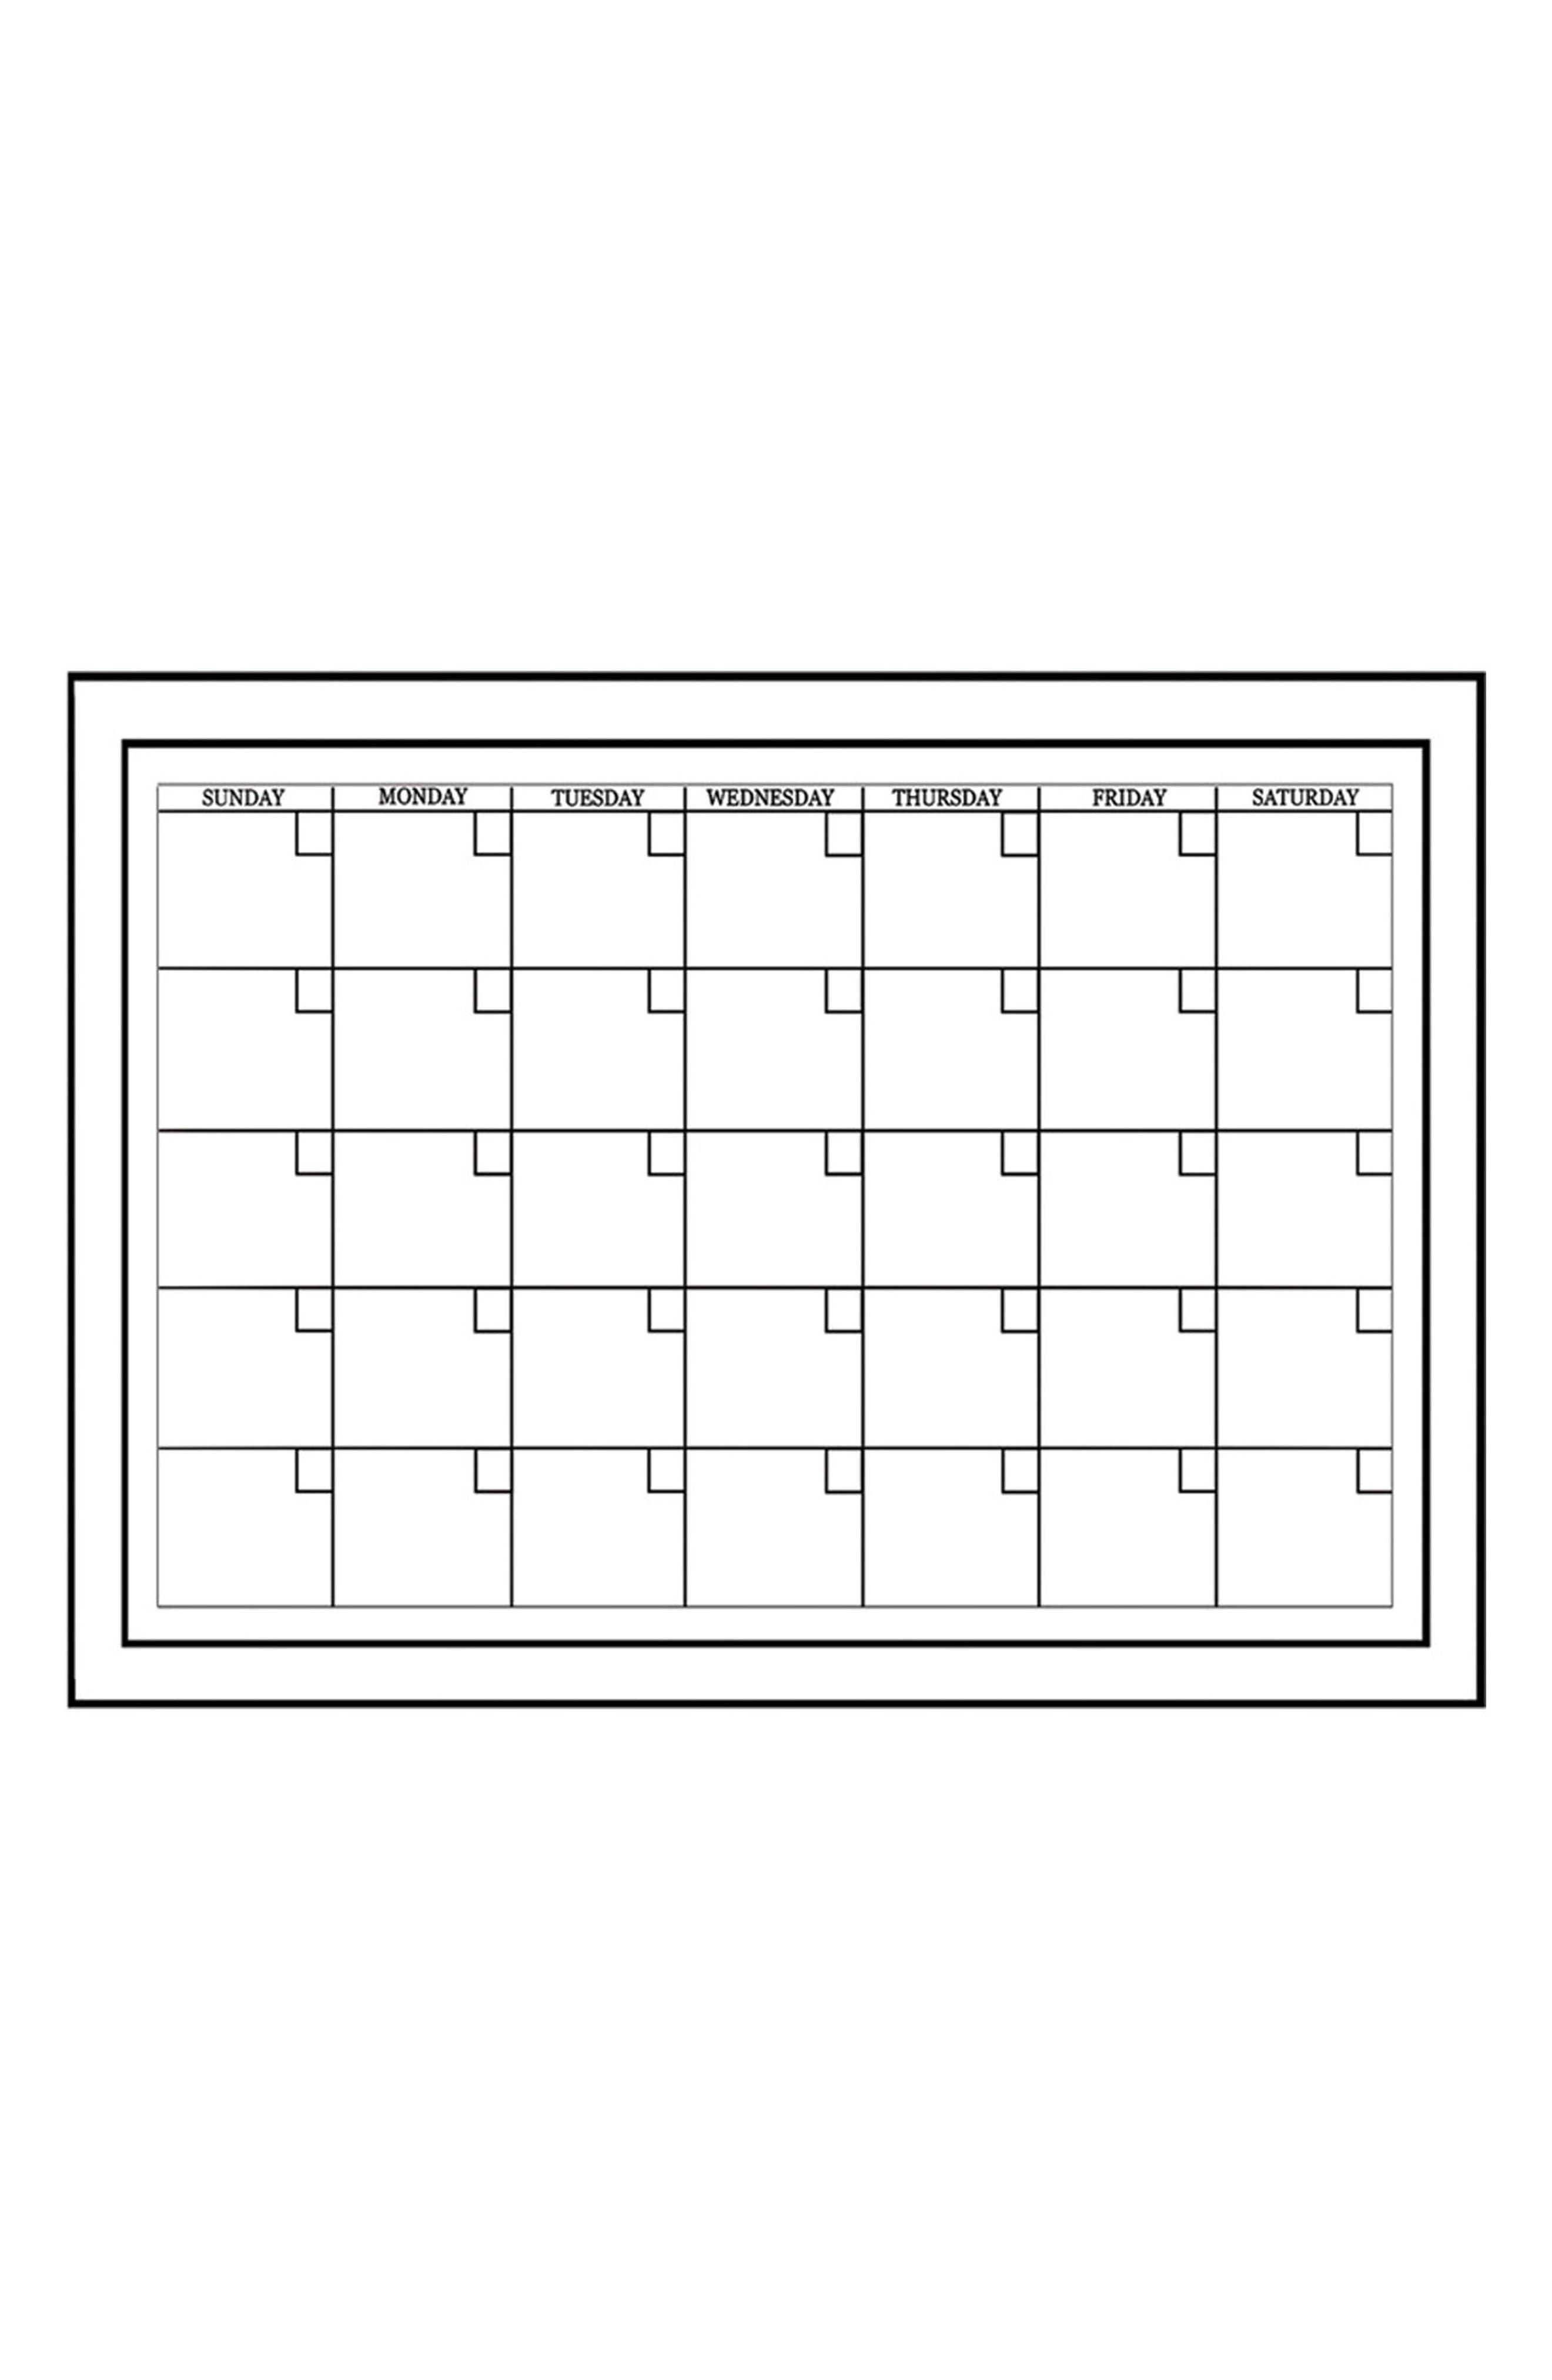 Wallpops Set of 2 Monthly Dry Erase Calendar Decals